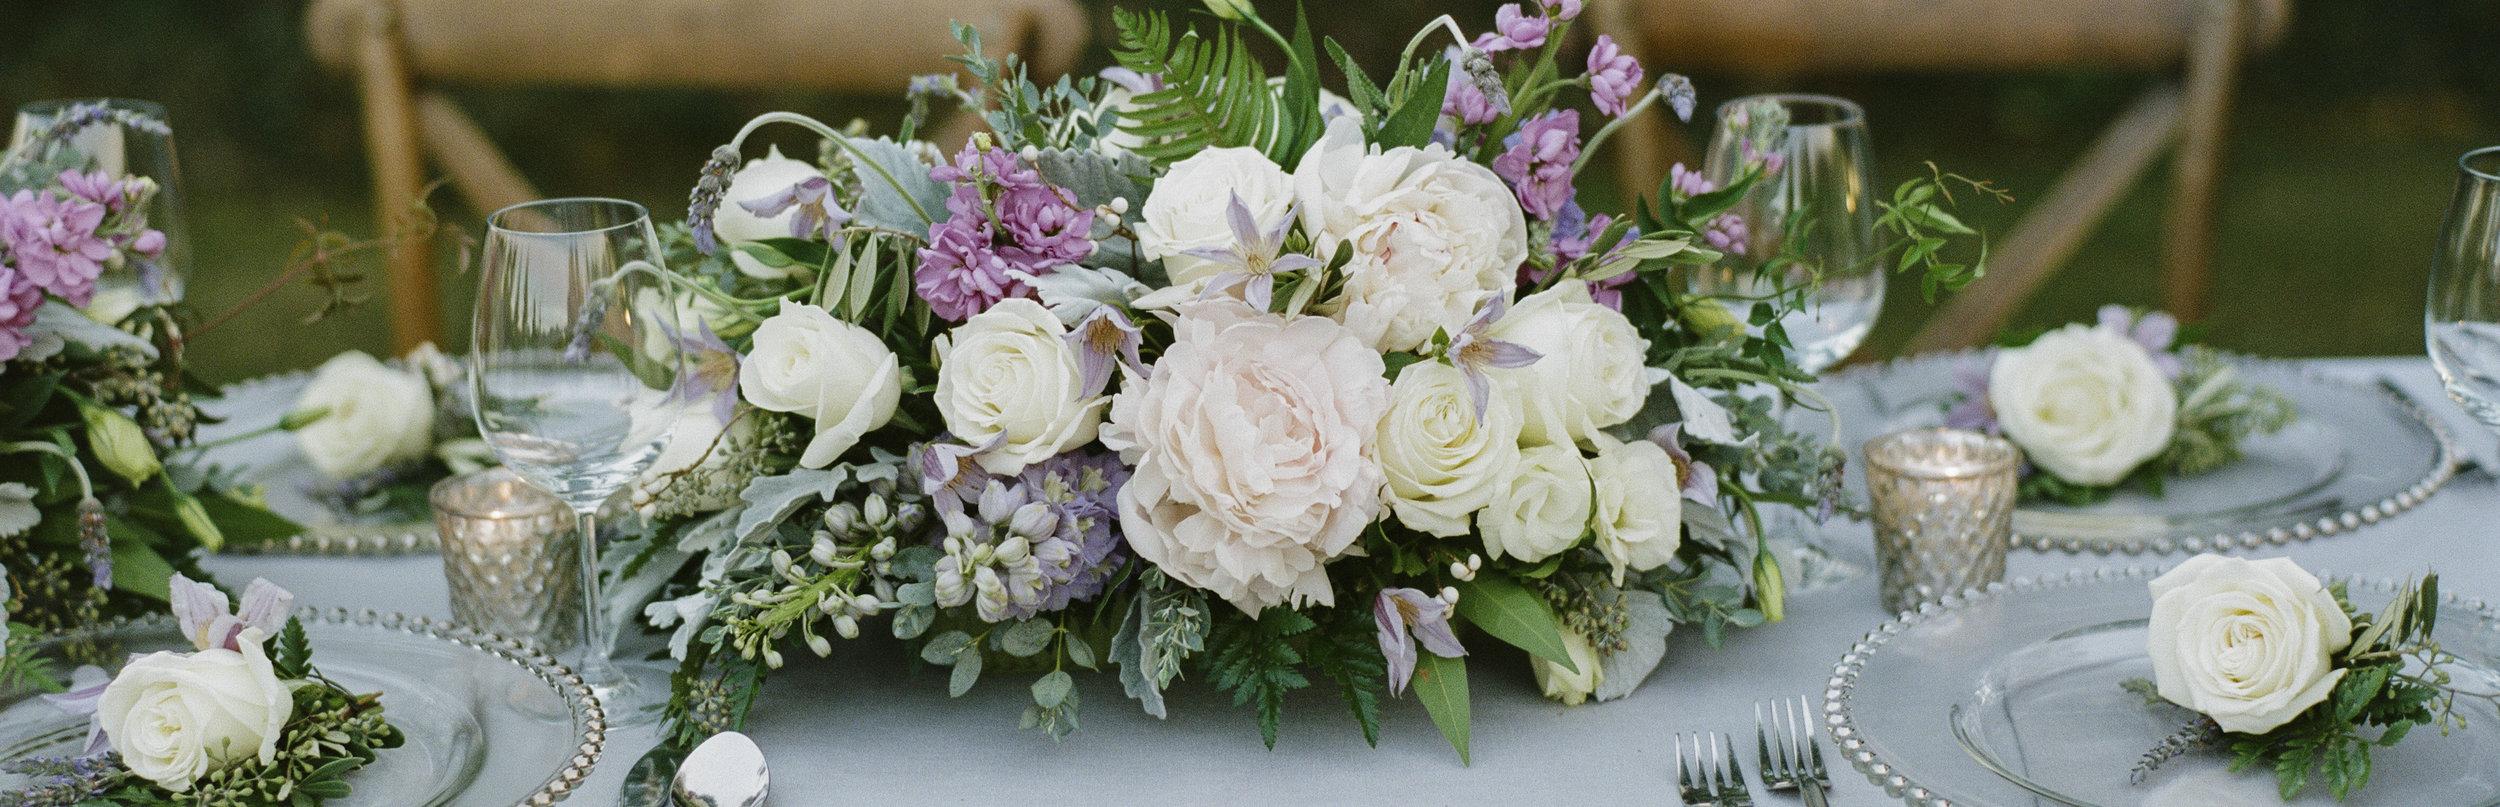 lavender_ivory_gray_flower_farm_inn_Violette_Fleurs_norcal_florist.jpg